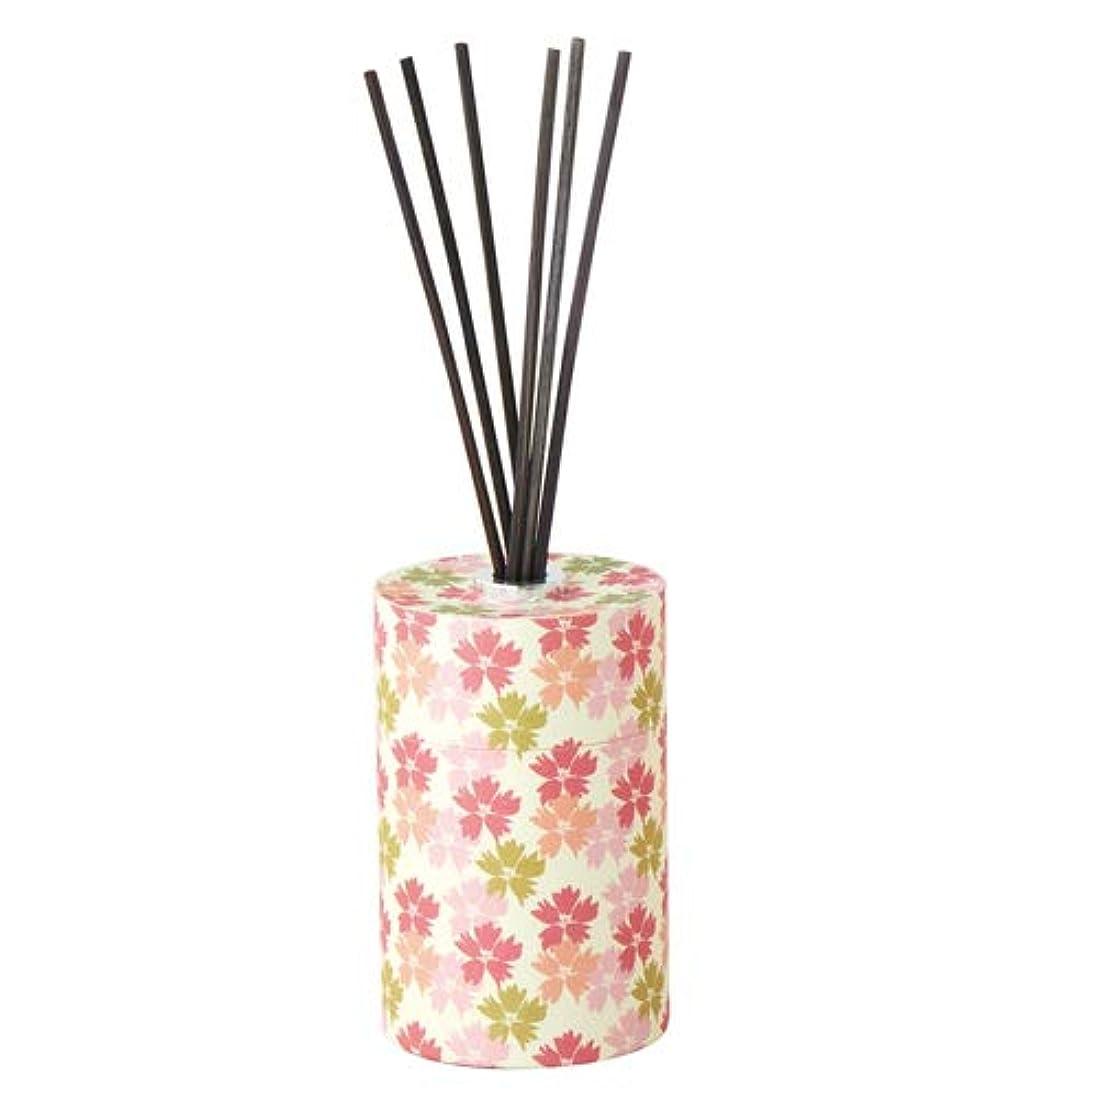 和遊ディフューザー 桜の香り 1個